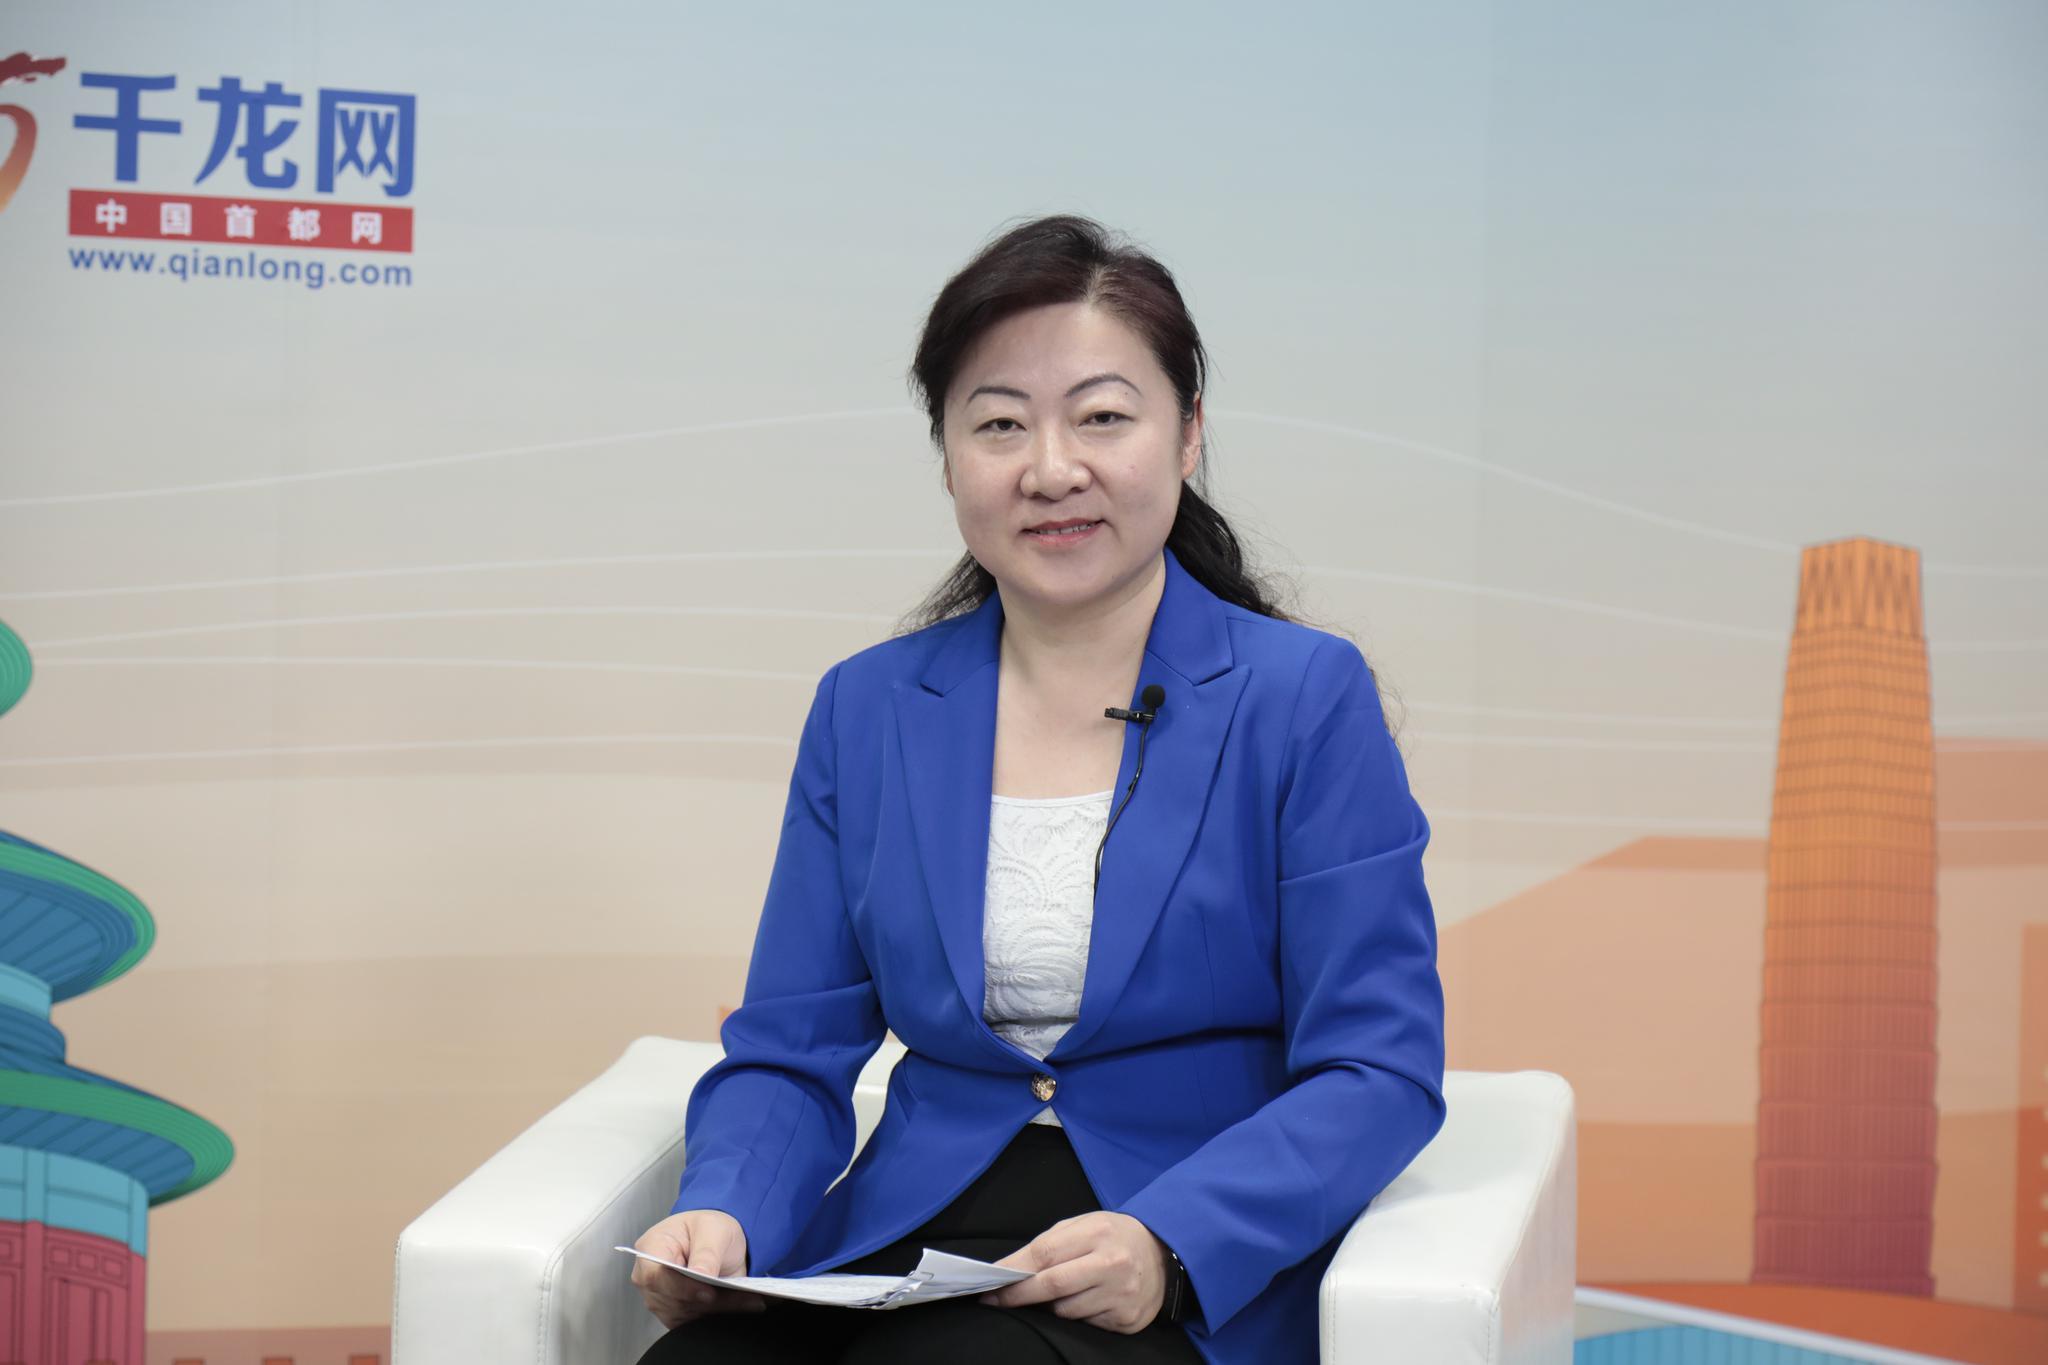 财政局副局长韩杰。摄影/新京报记者 王嘉宁